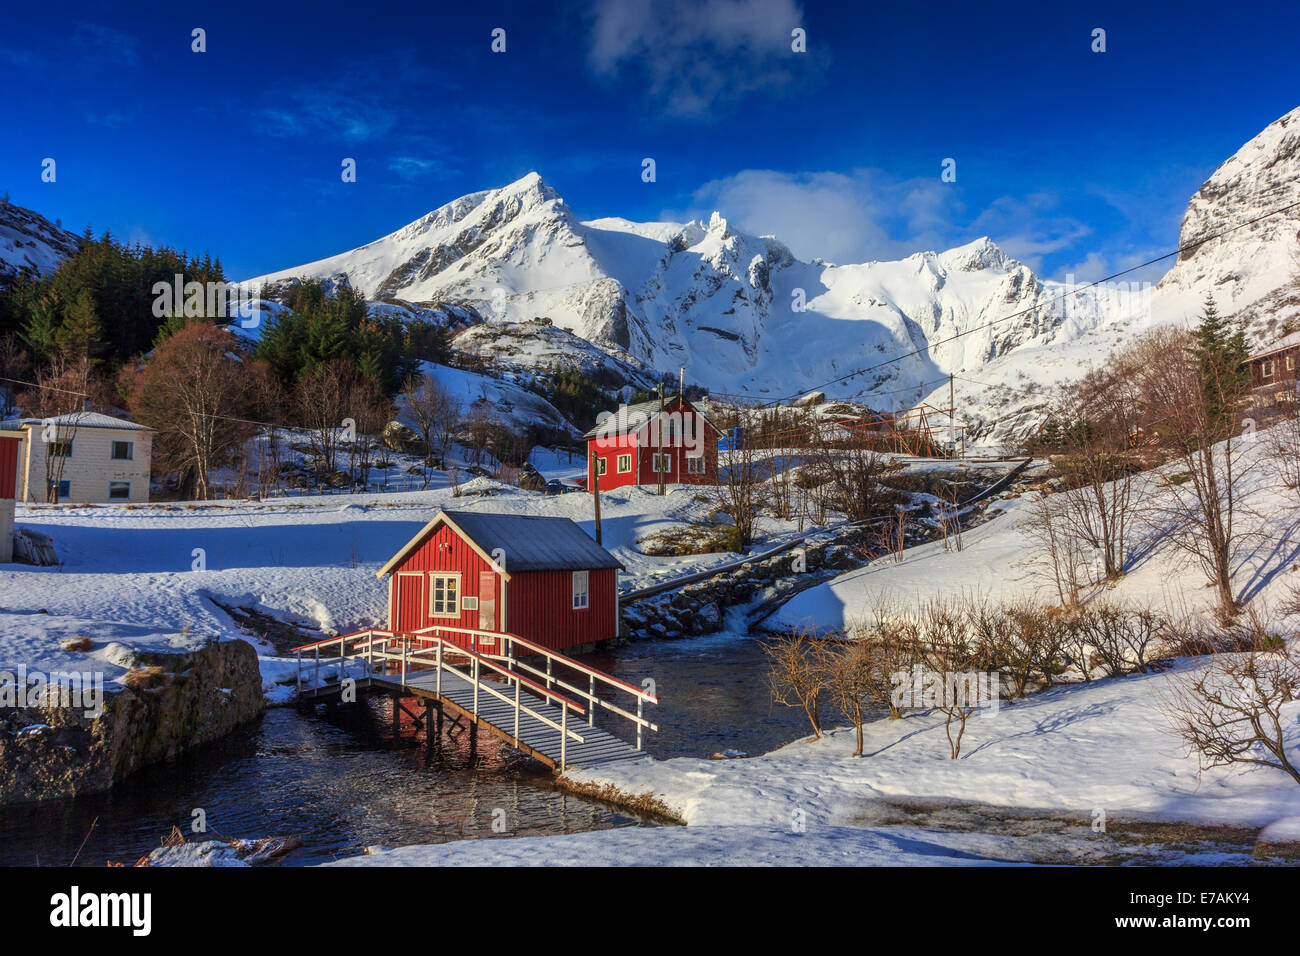 La pequeña aldea de noruega en invierno Imagen De Stock